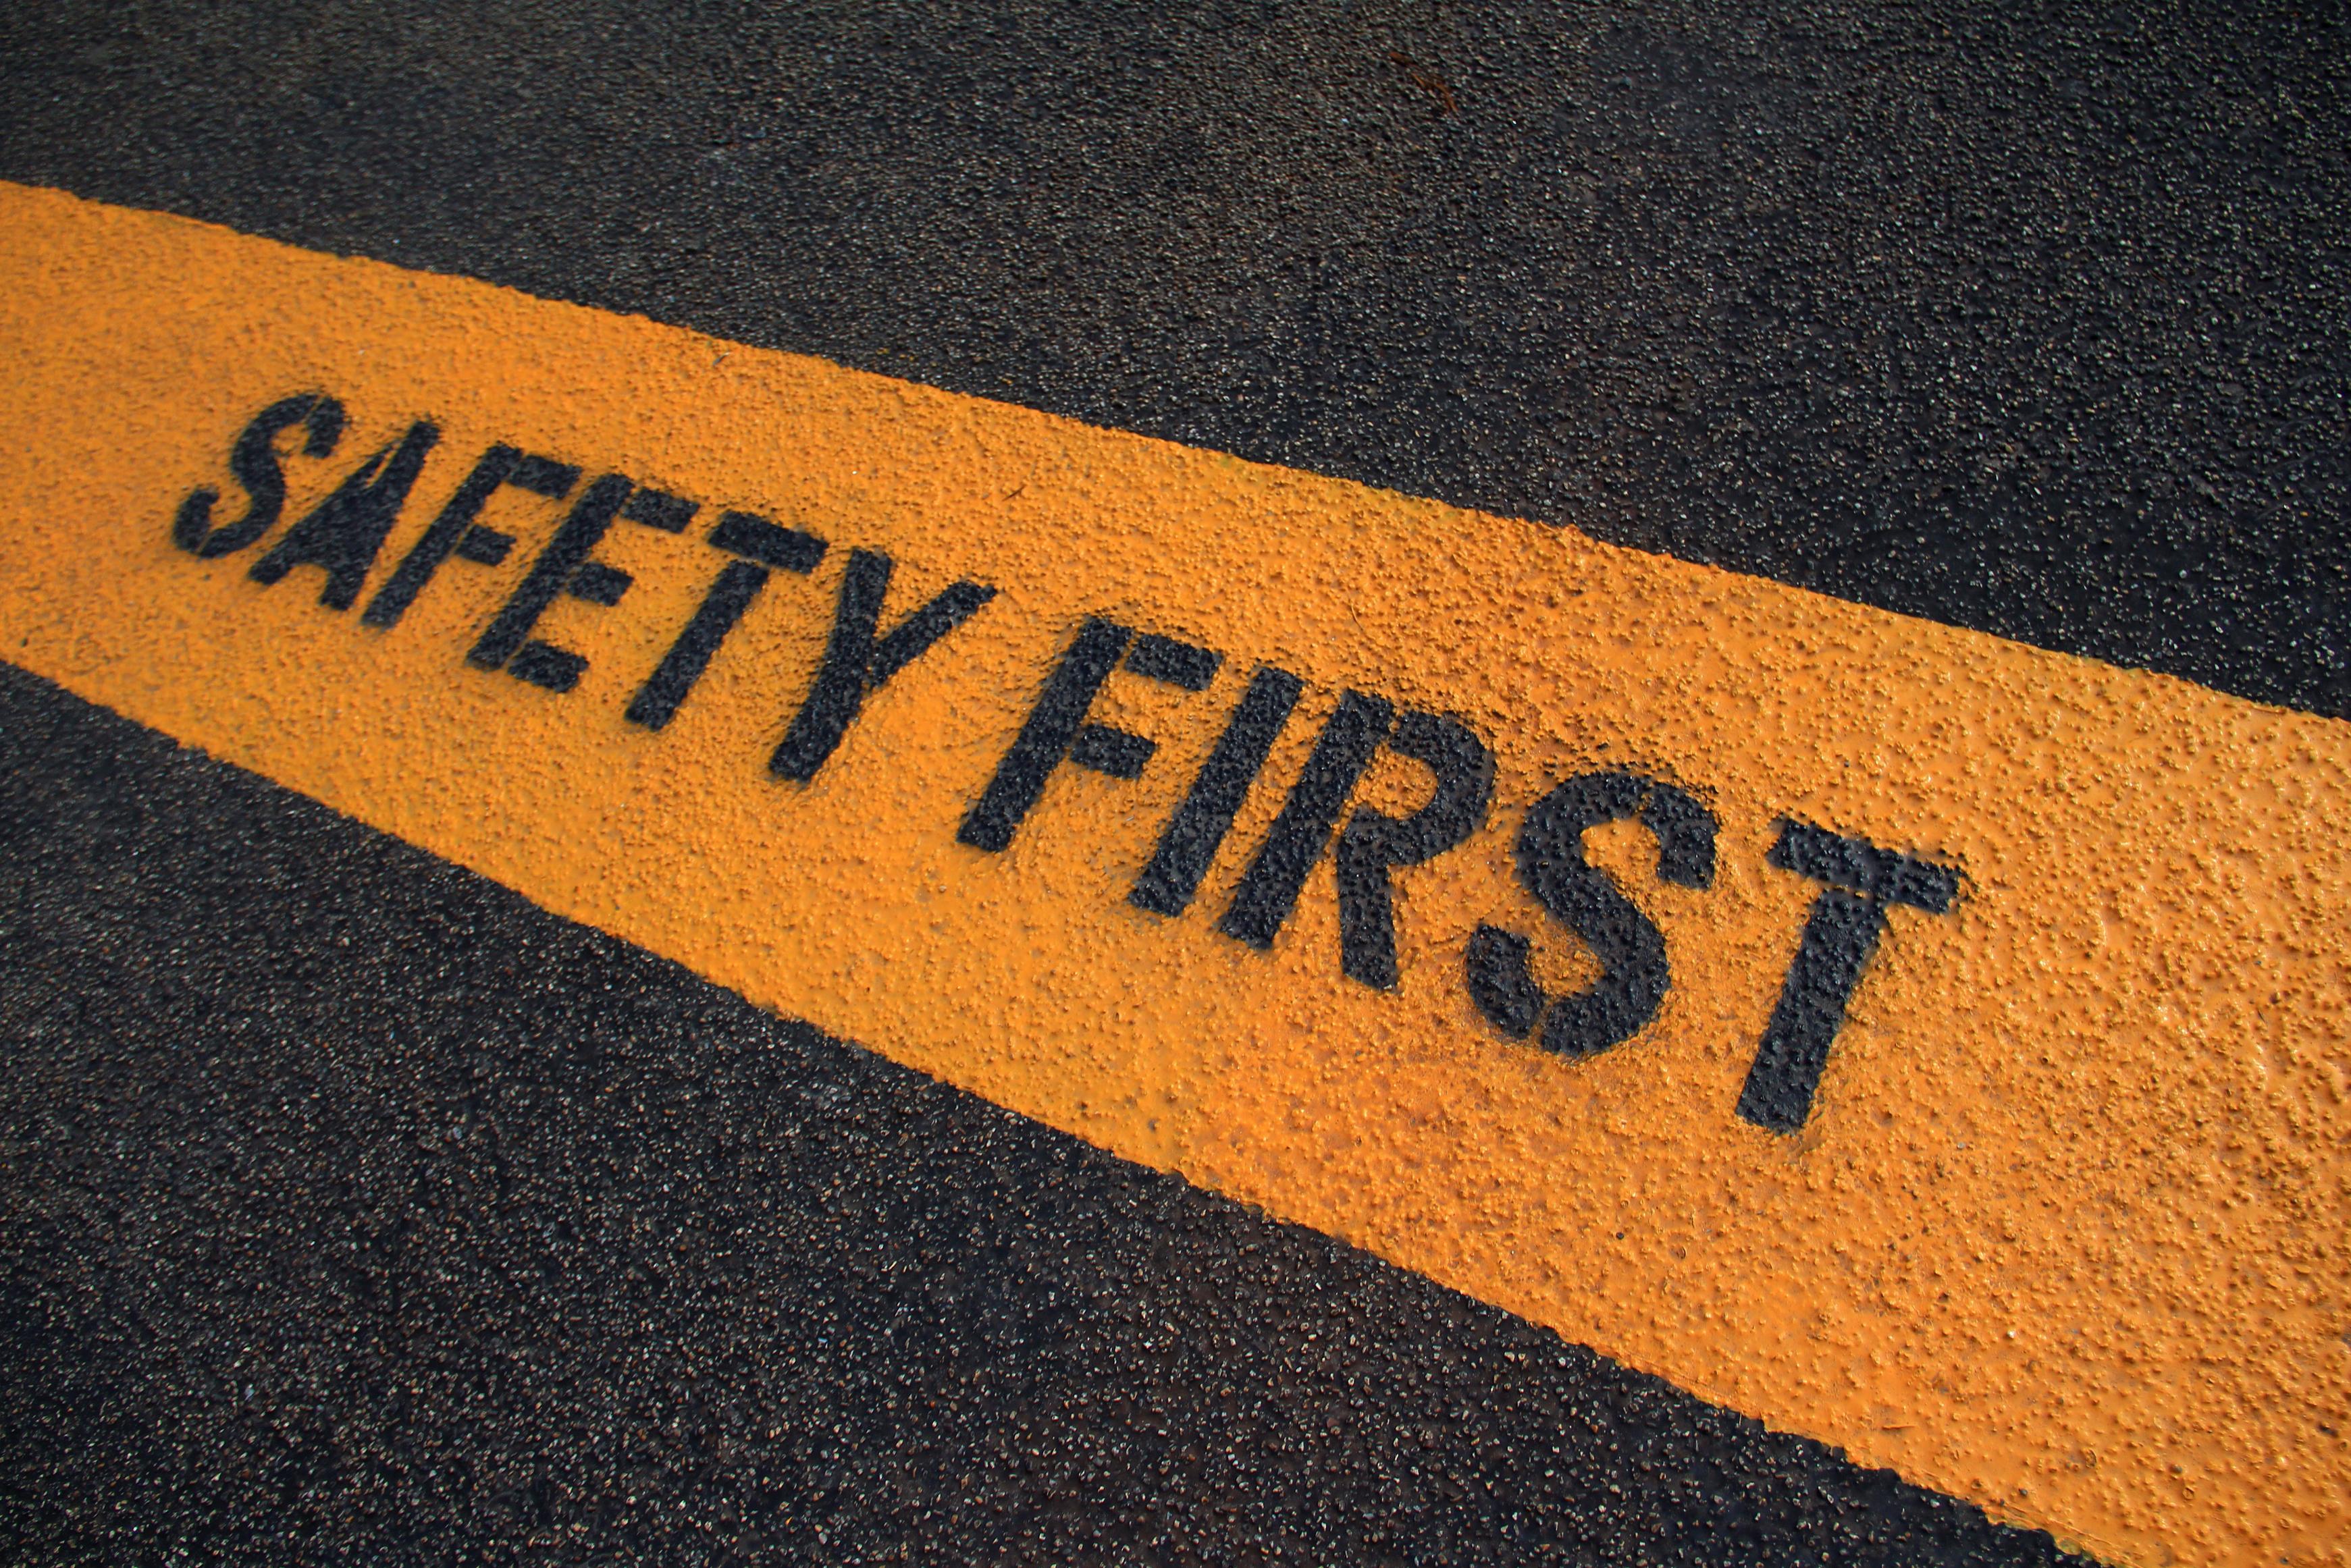 3 Ways Technology & Innovation Drive Safety Into 2021